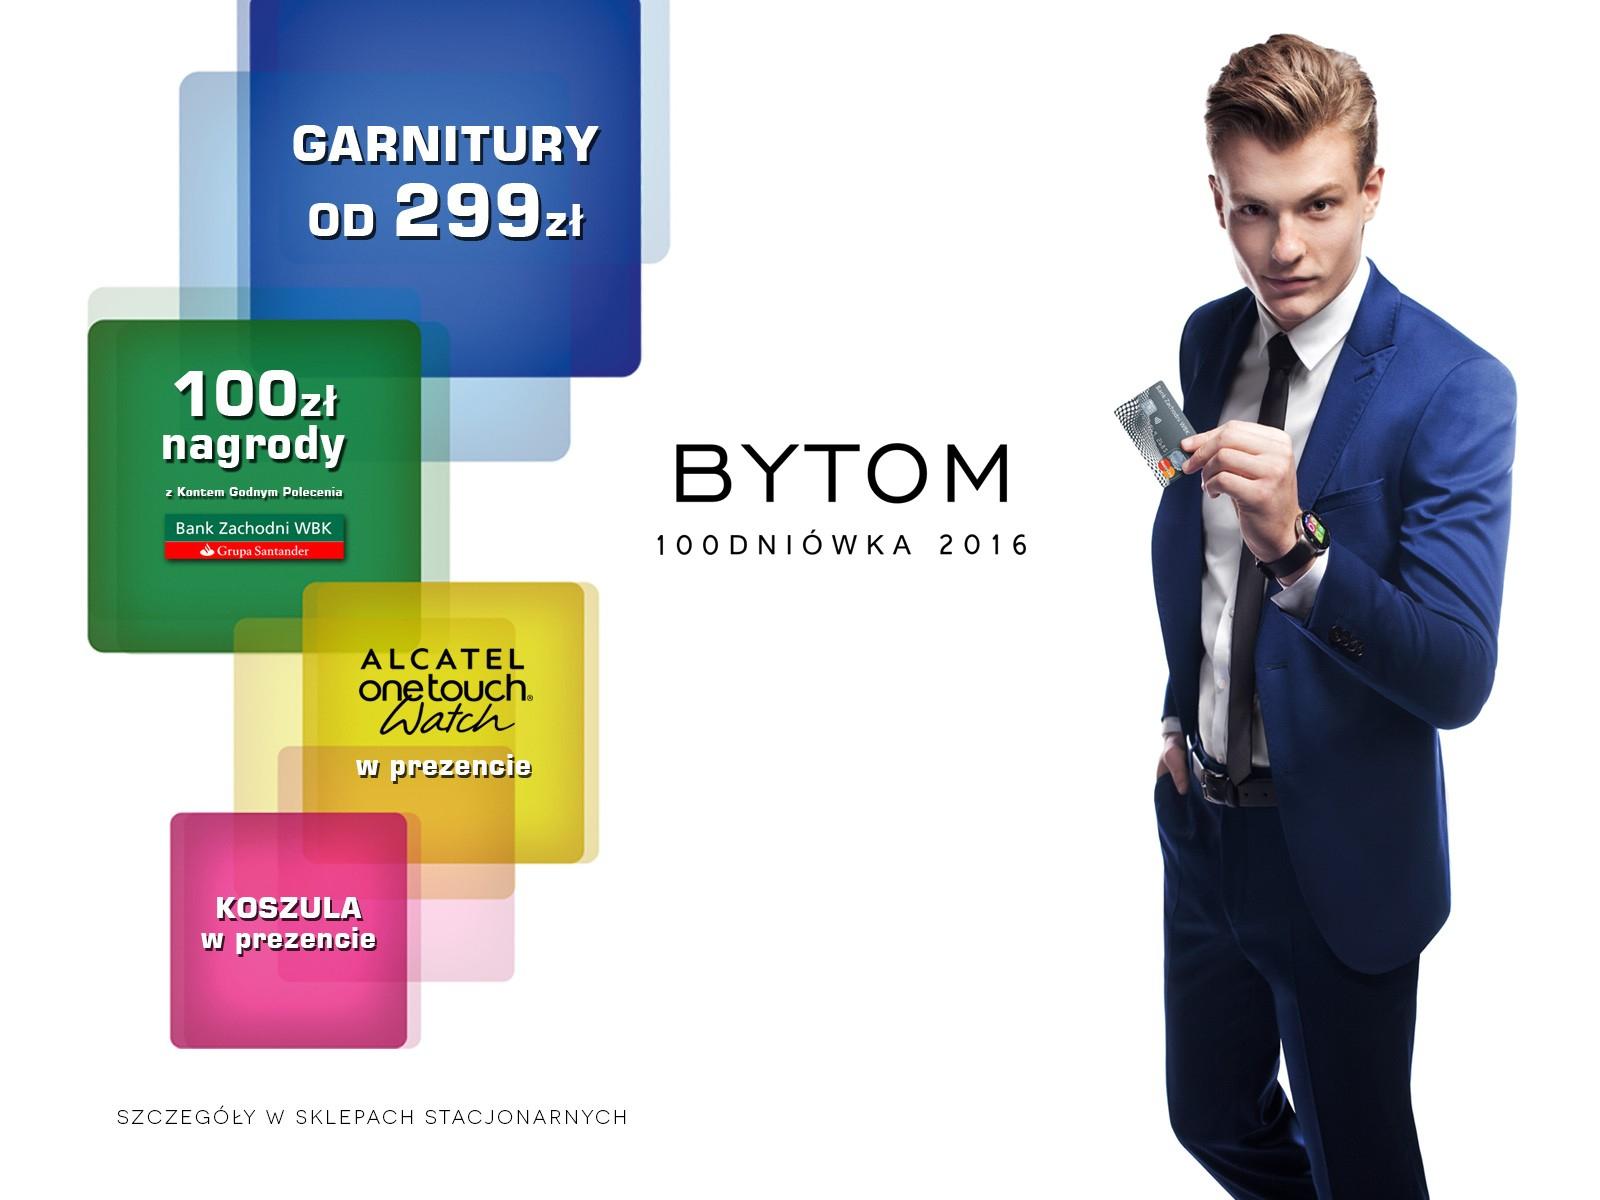 Za zakup garnituru prezenty: 100zł nagrody na Konto Godne Polecenia w BZWBK, smartwatch, koszulę oraz krawat @ Bytom